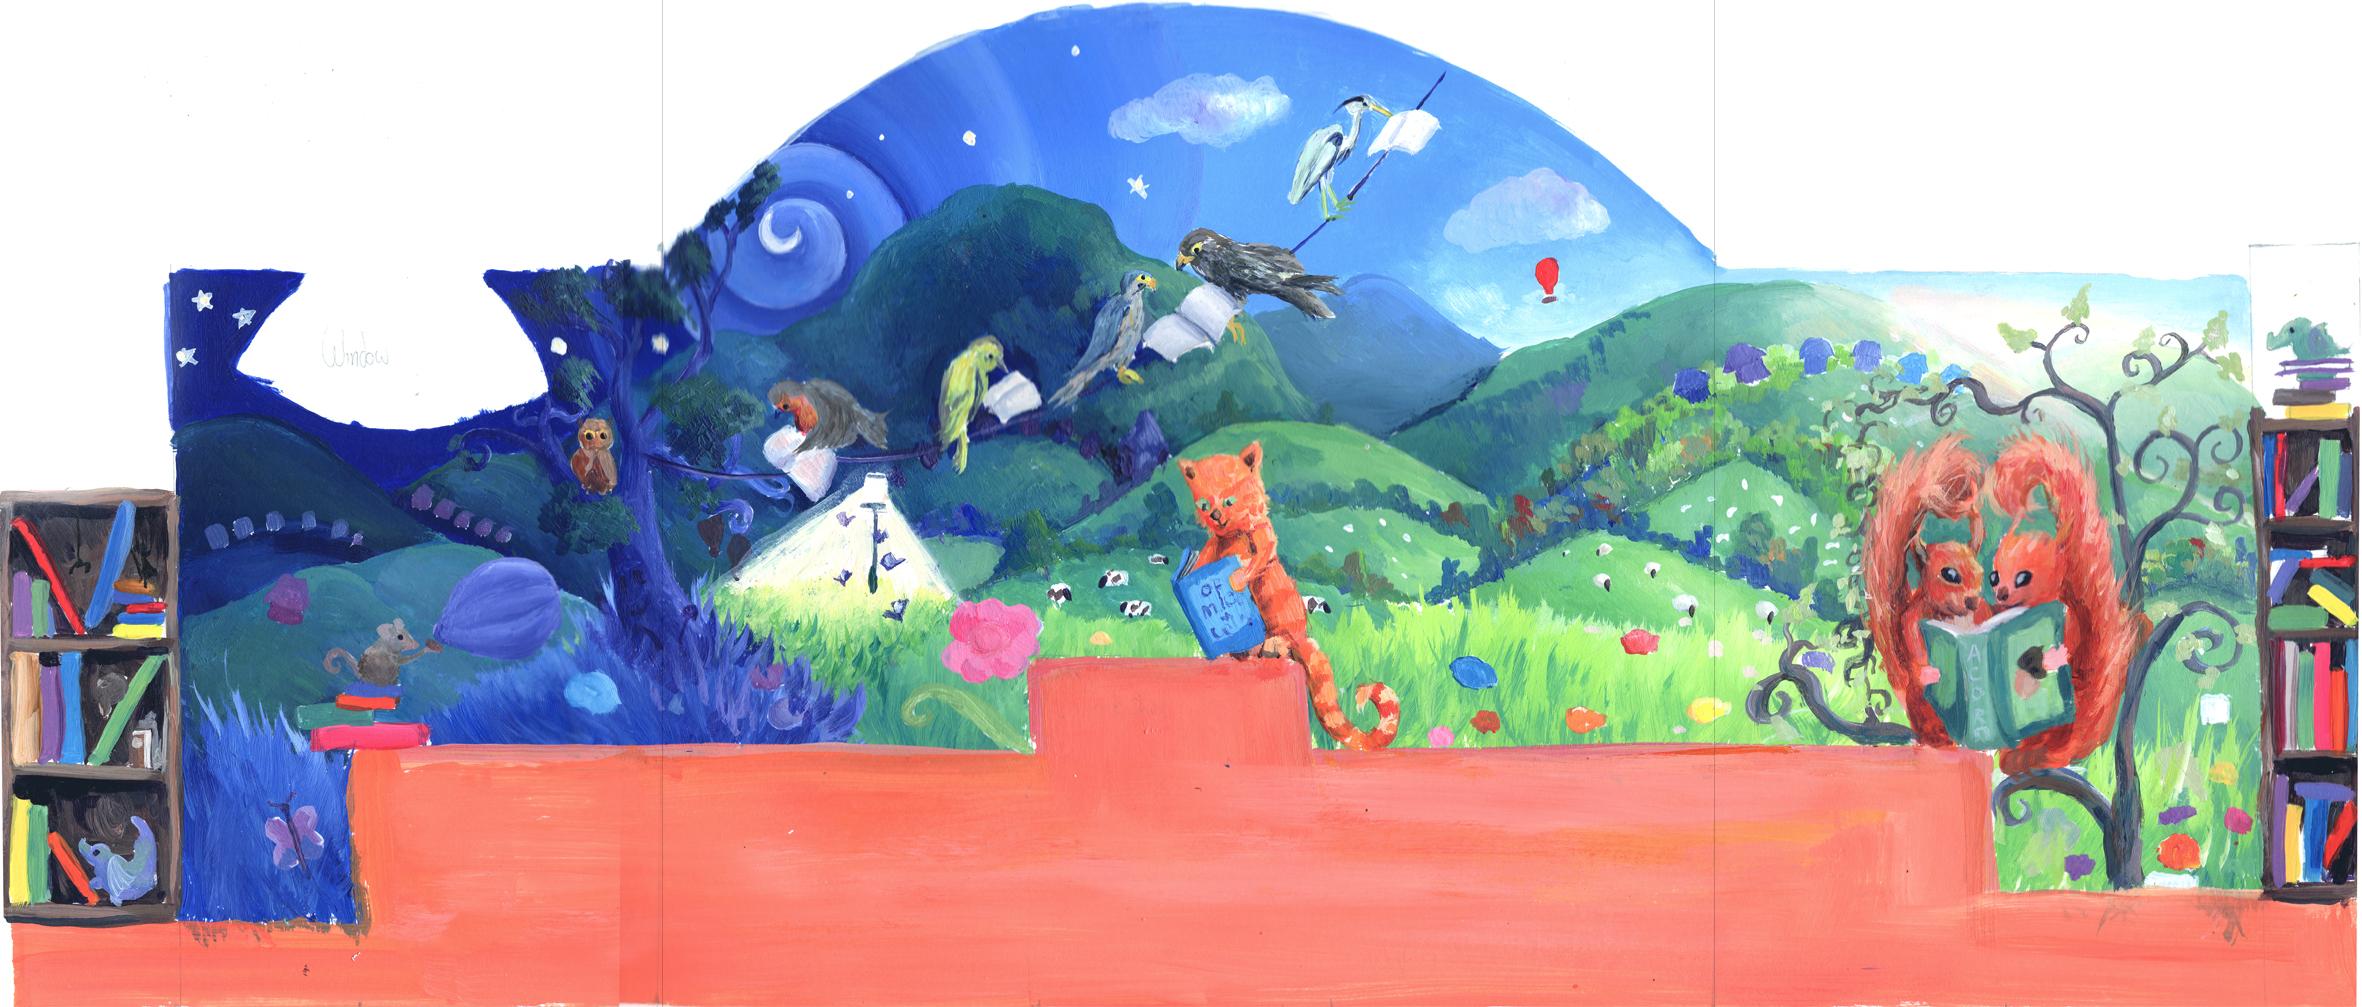 inside alcove mural design.jpg